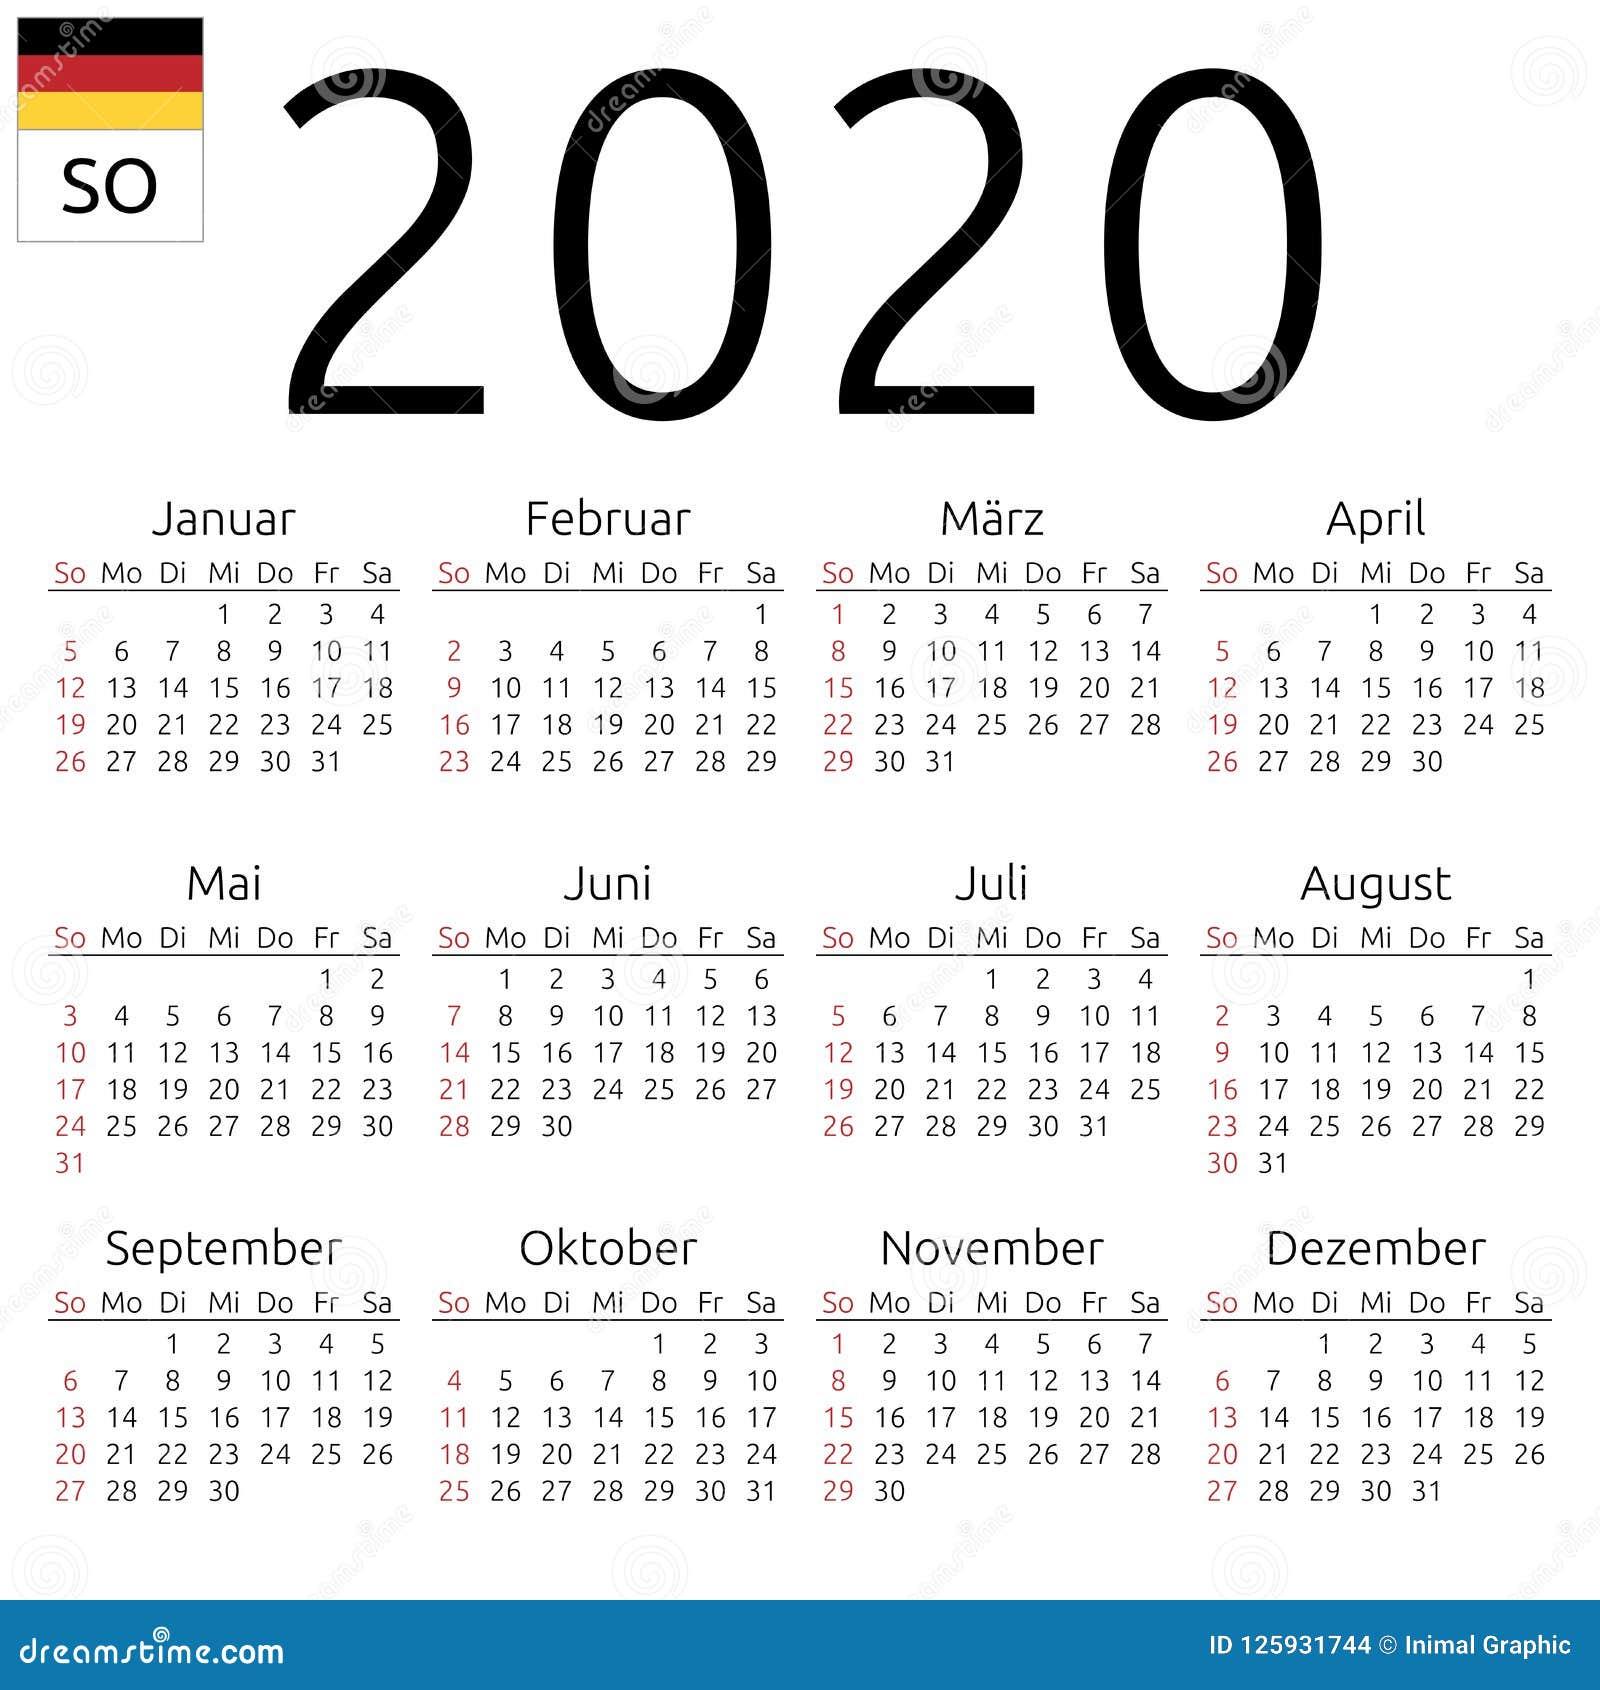 Calendario Di F1 2020.Calendario 2020 Calendario 2020